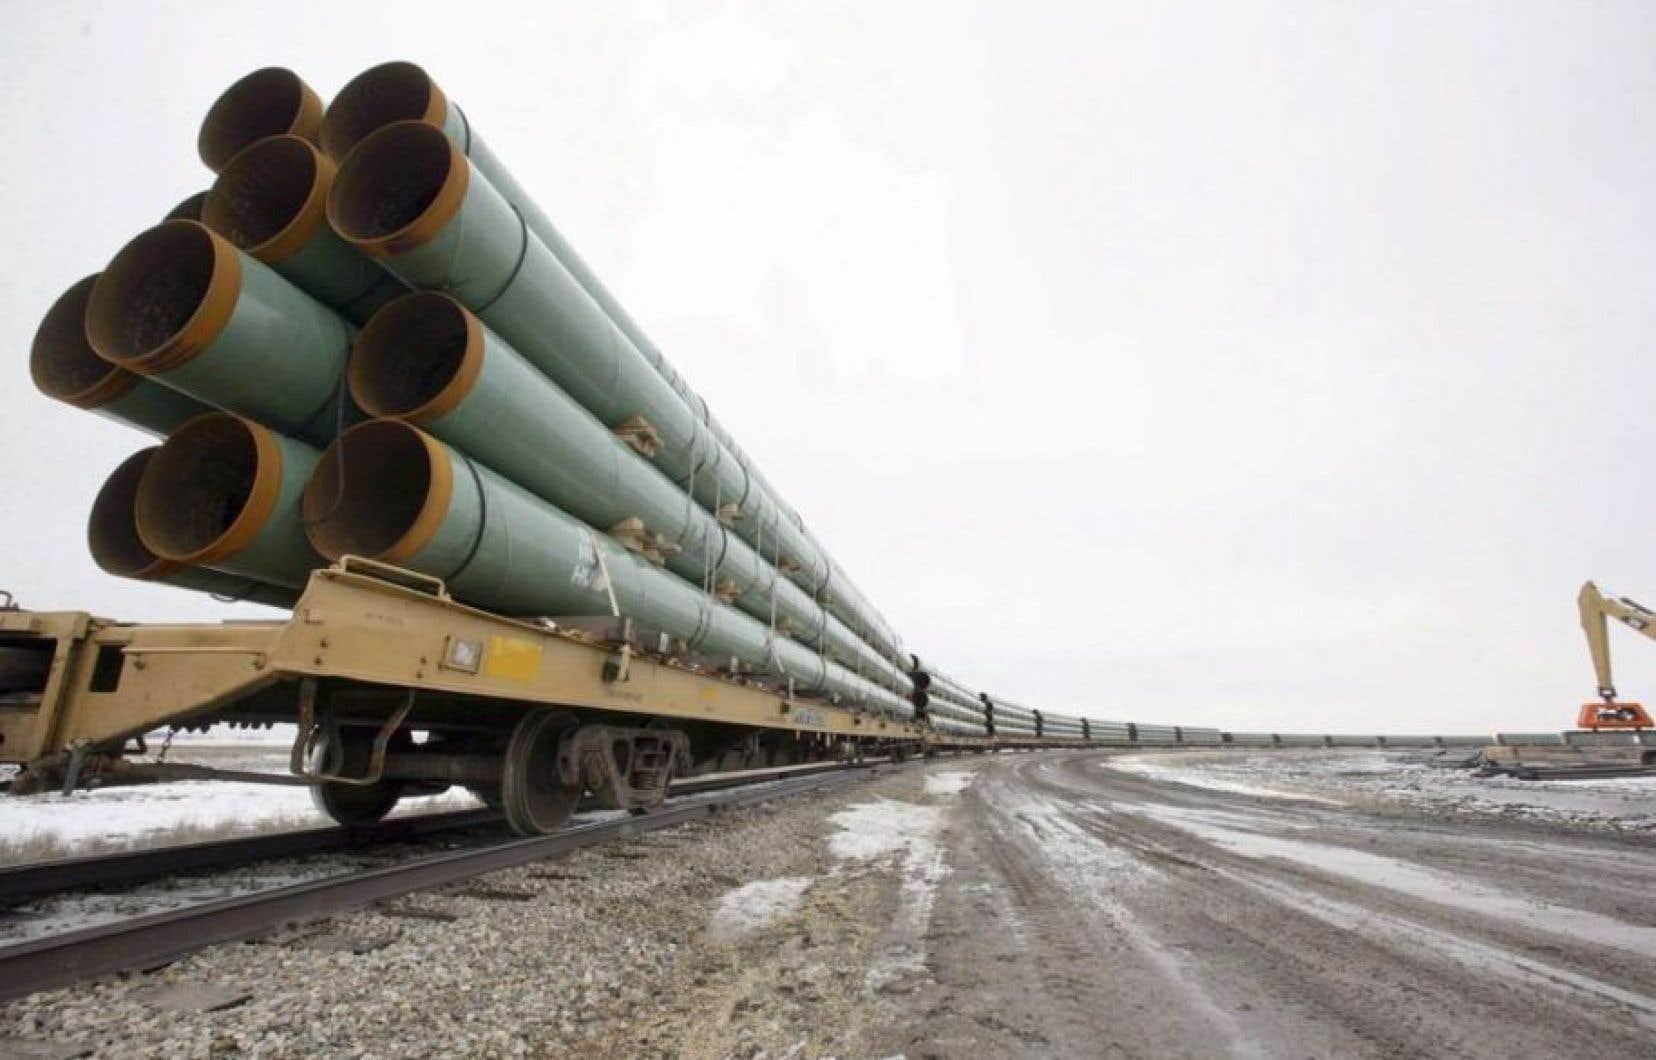 Avec l'obtention de certaines autorisations et l'ajout de stations de pompage, le pipeline aurait le potentiel de canaliser jusqu'à 915000 barils de pétrole brut par jour.